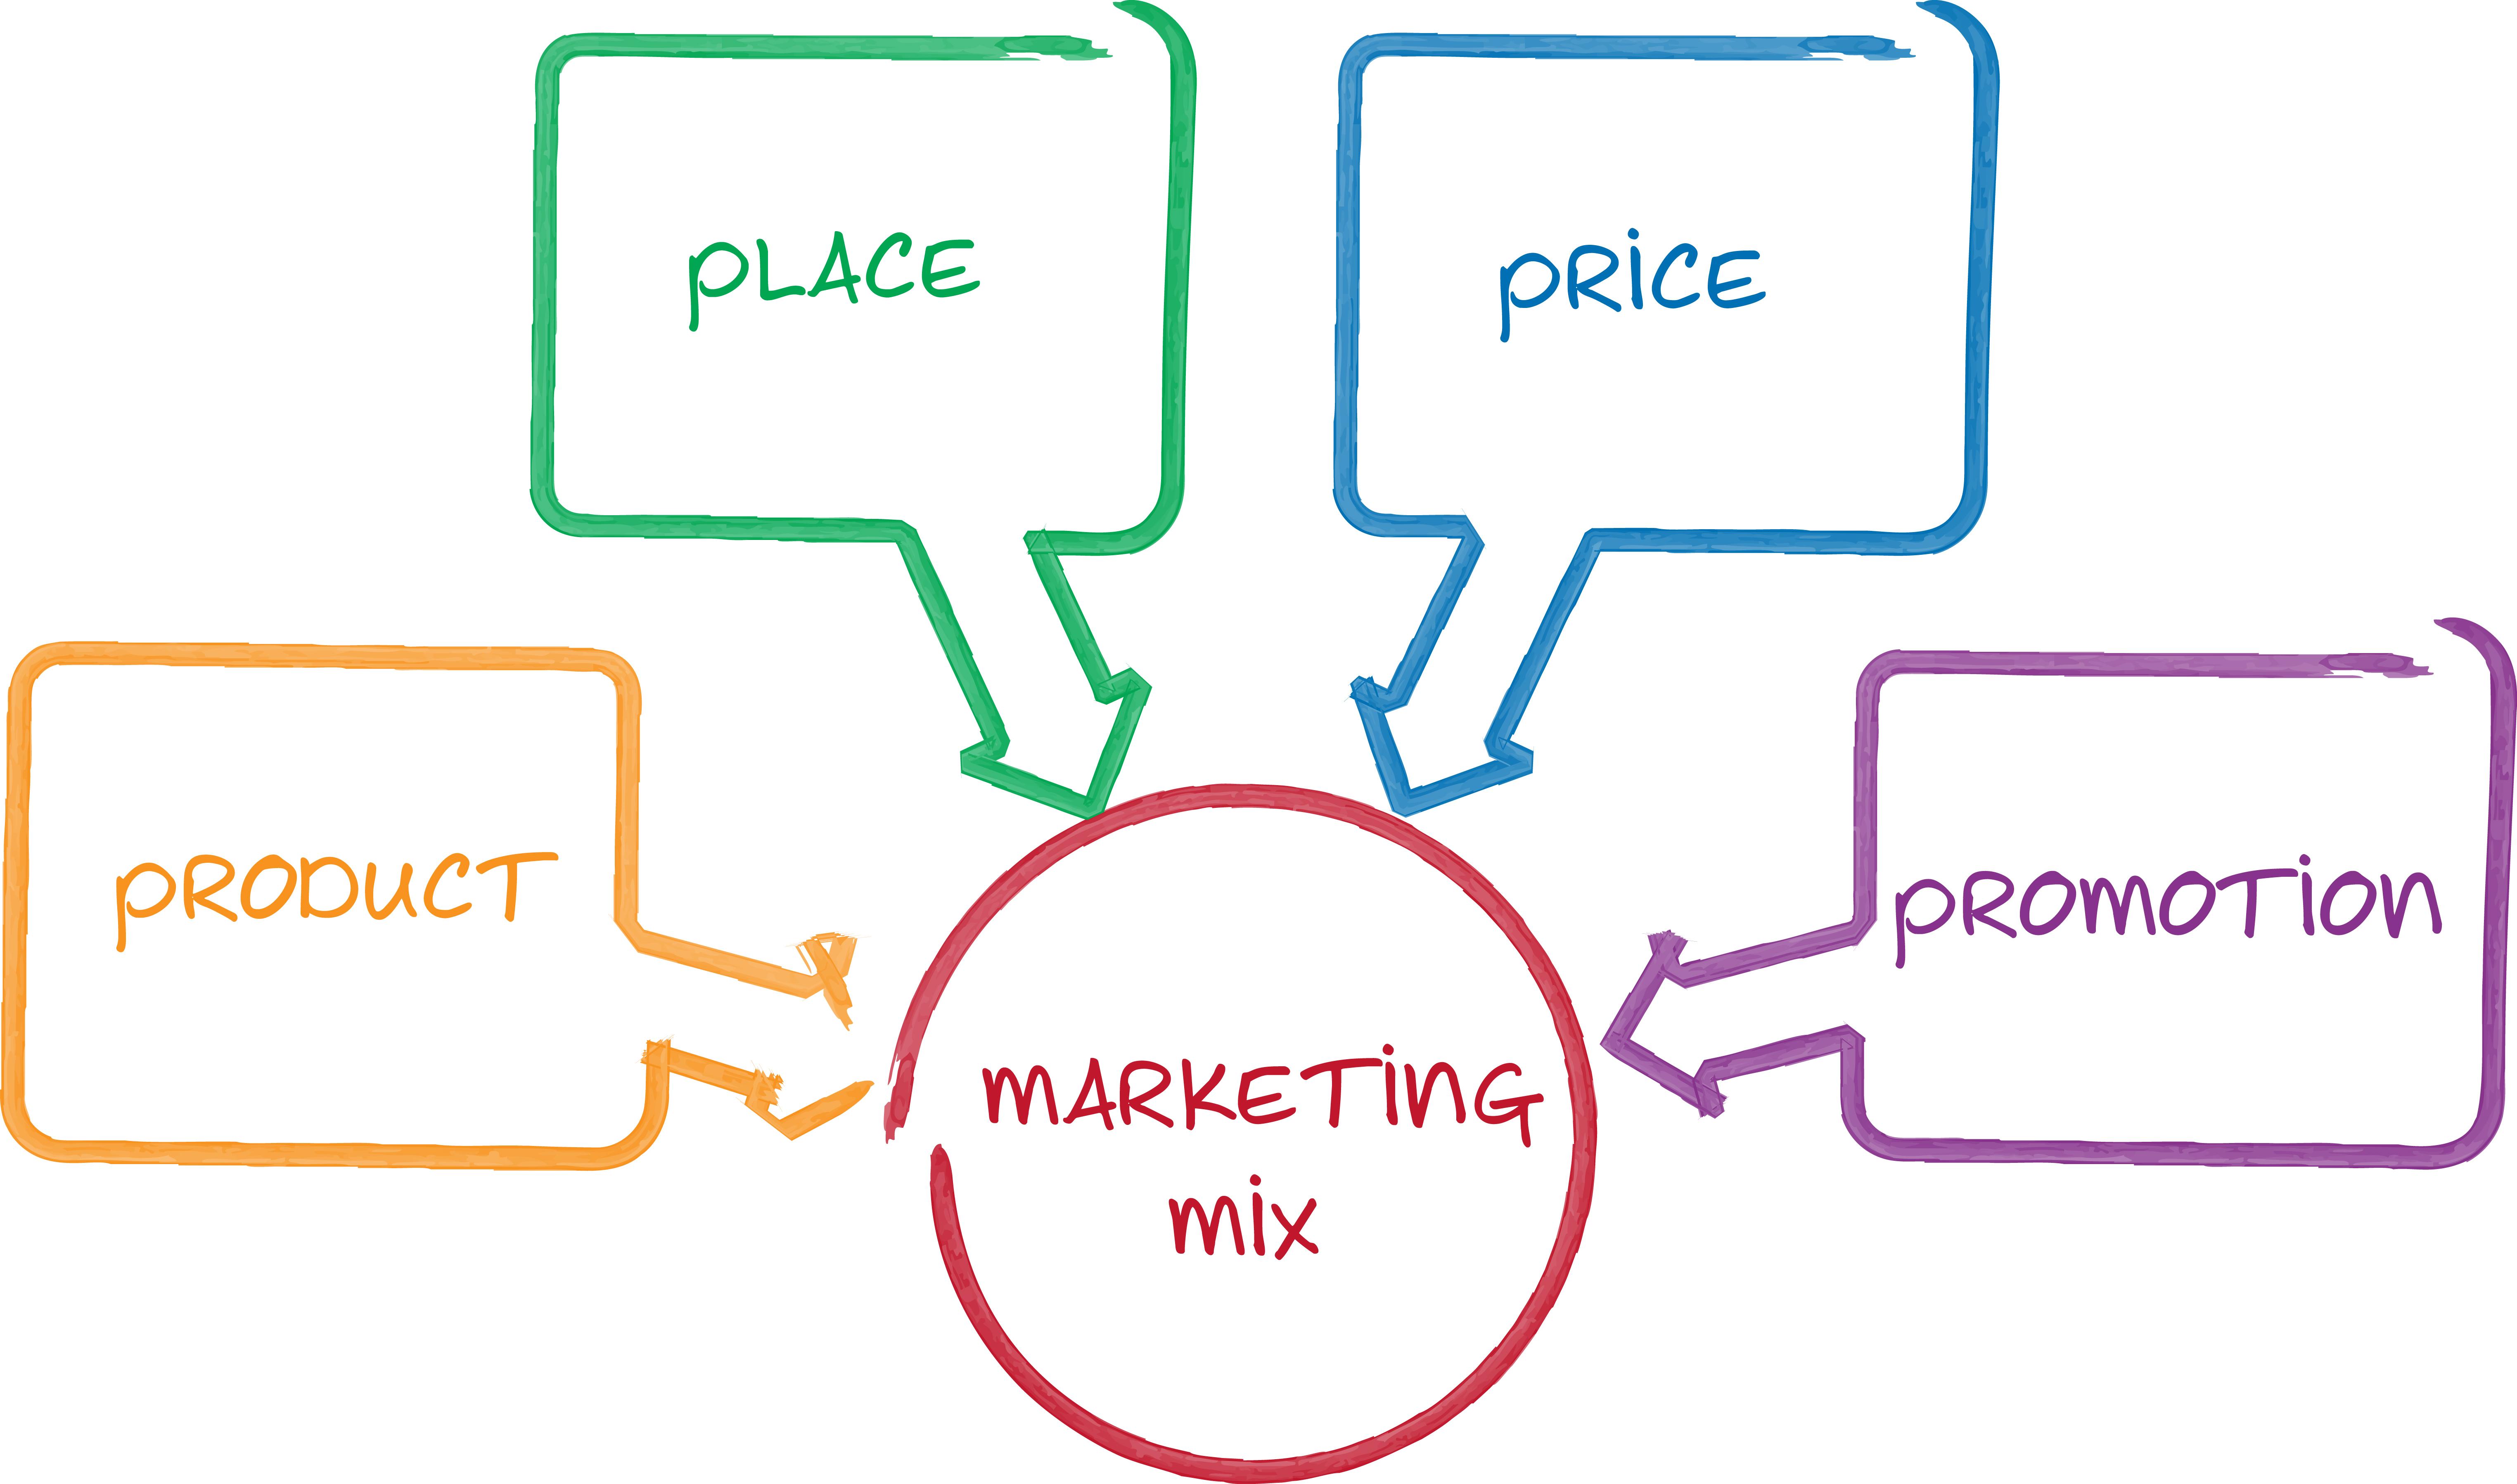 de vier p's in de marketing mix zijn product, place, price en promotion